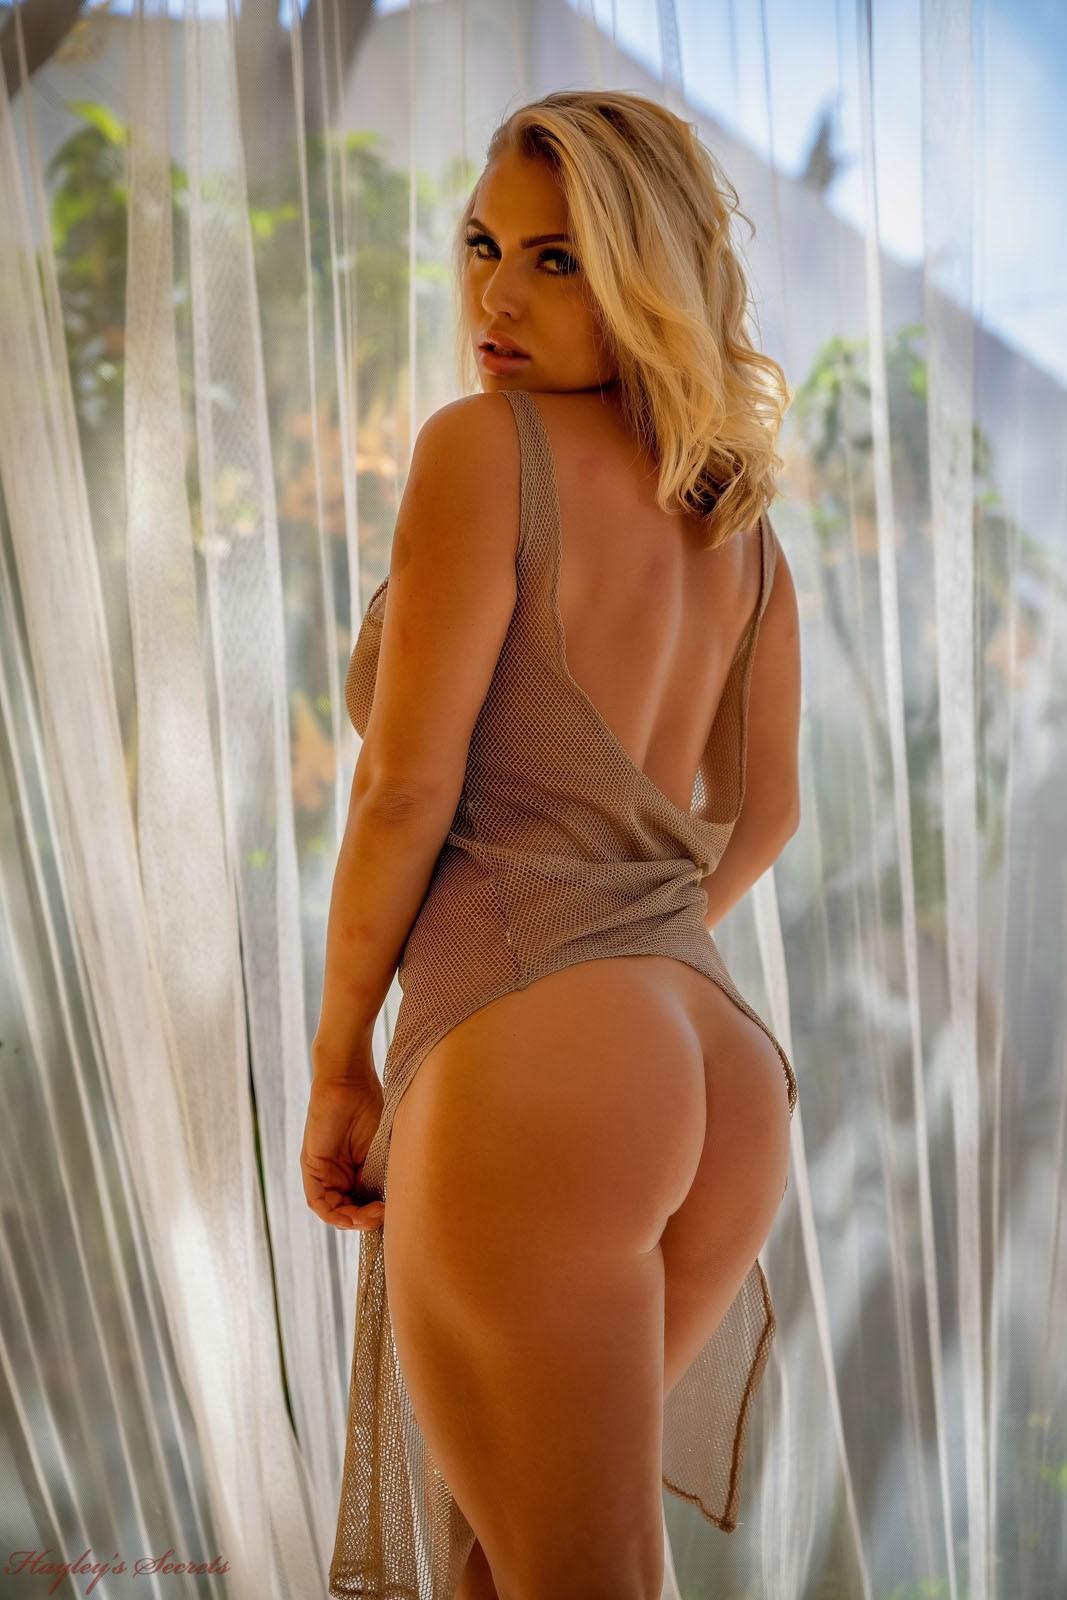 Блондинка с сексуальными формами - фото